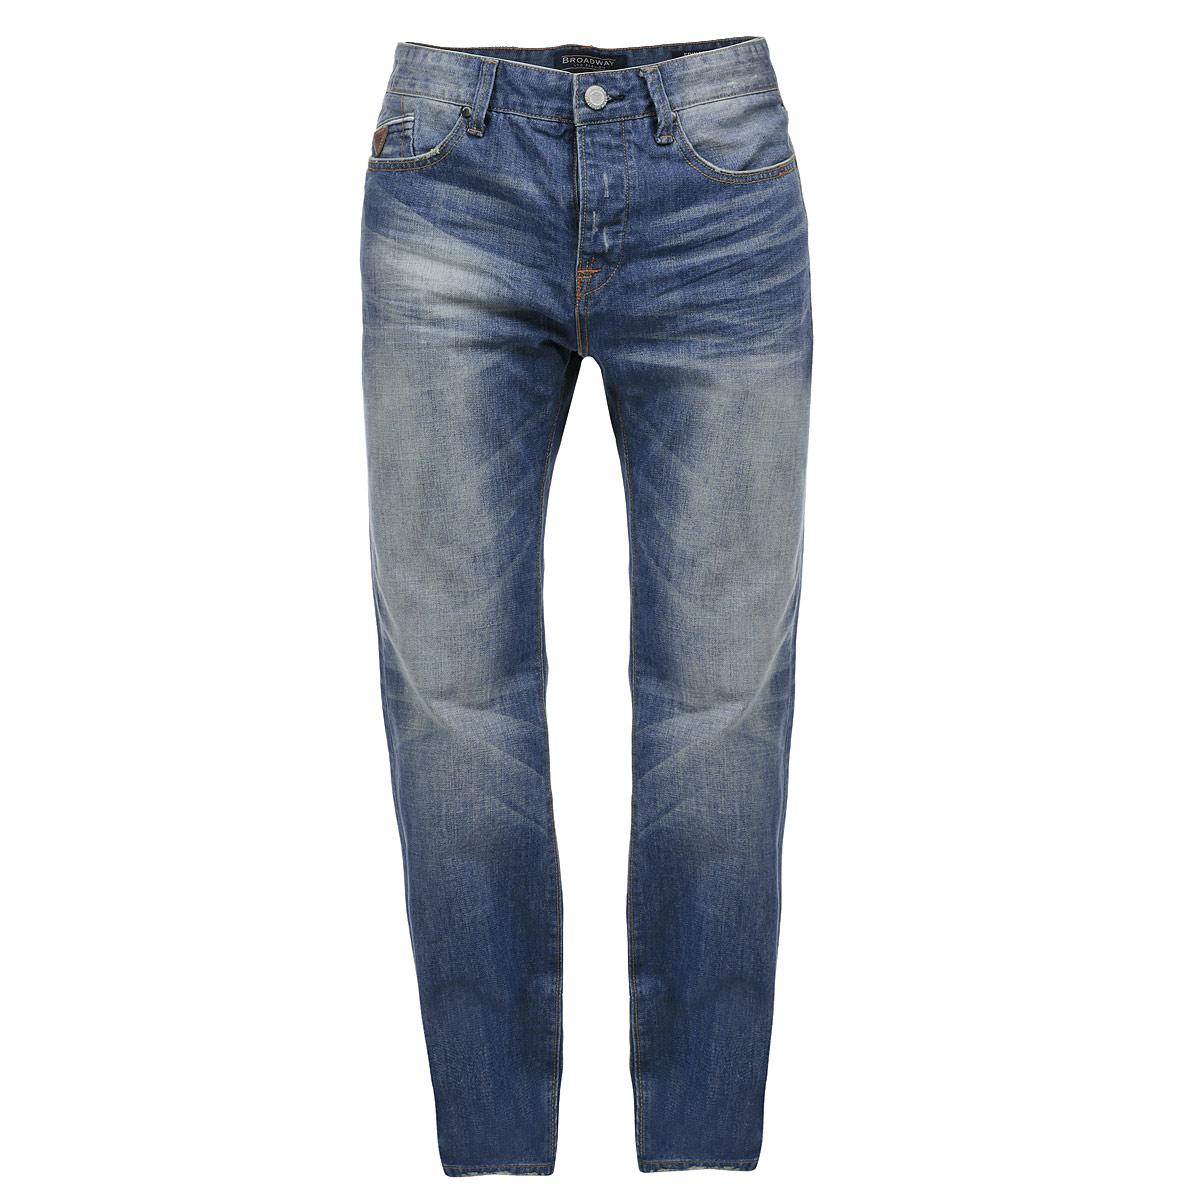 Джинсы мужские Broadway, цвет: синий. 10152573L32. Размер 29-32 (44-32)10152573 L32Стильные мужские джинсы Broadway - джинсы высочайшего качества, которые прекрасно сидят. Модель прямого кроя и средней посадки изготовлена из высококачественного материала, не сковывает движения и дарит комфорт. Застегиваются джинсы на пуговицу в поясе и ширинку на металлических пуговицах, имеются шлевки для ремня. Спереди модель дополнена двумя втачными карманами и одним секретным кармашком, а сзади - двумя накладными карманами. Джинсы оформлены тертым эффектом и перманентными складками. Эти модные и в тоже время удобные джинсы помогут вам создать оригинальный современный образ. В них вы всегда будете чувствовать себя уверенно и комфортно.